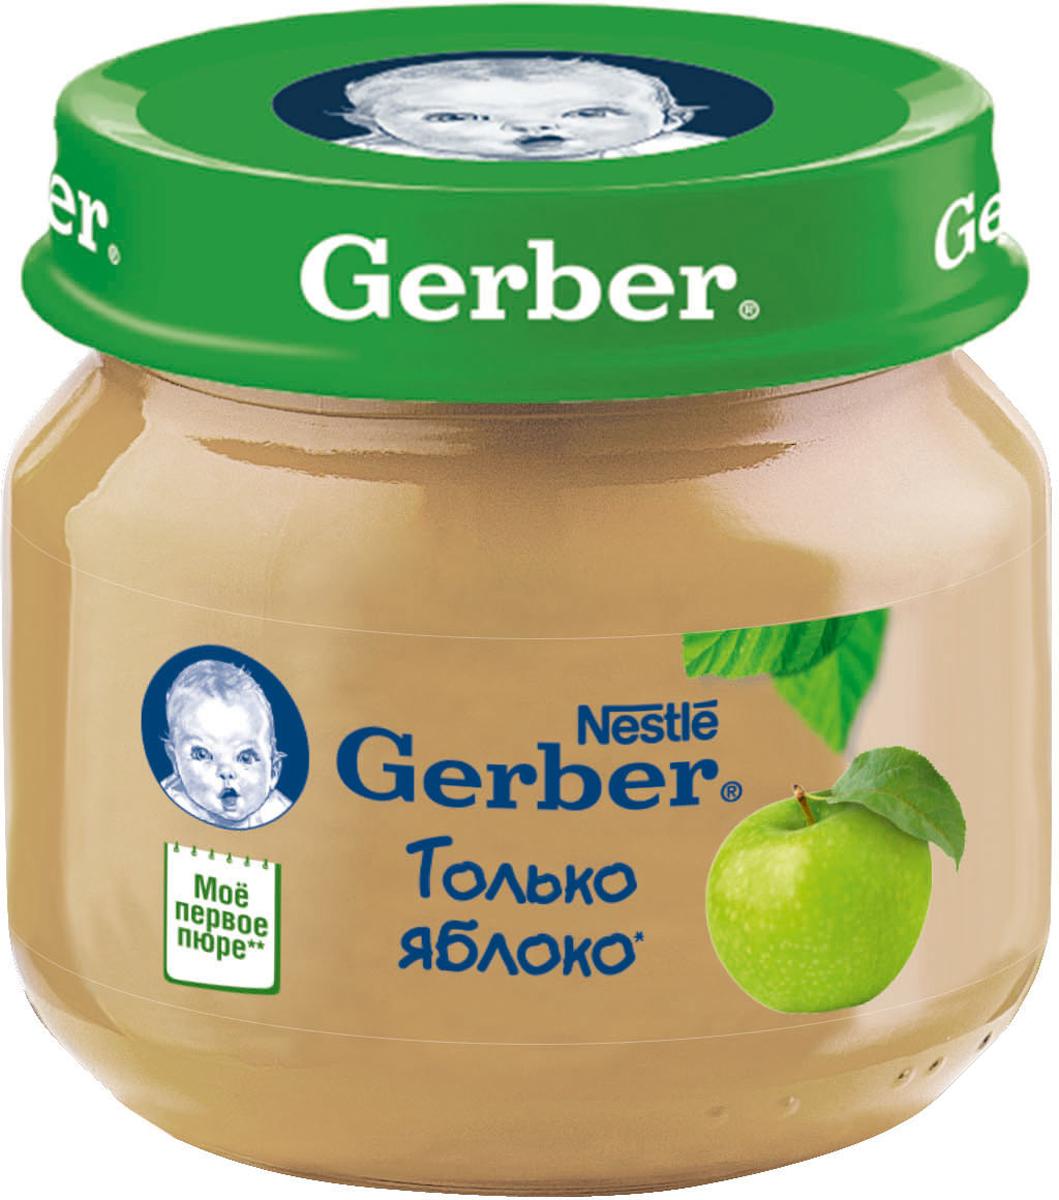 Gerber пюре яблоко, 80 г пюре gerber пюре яблоко банан с 6 мес 90 г